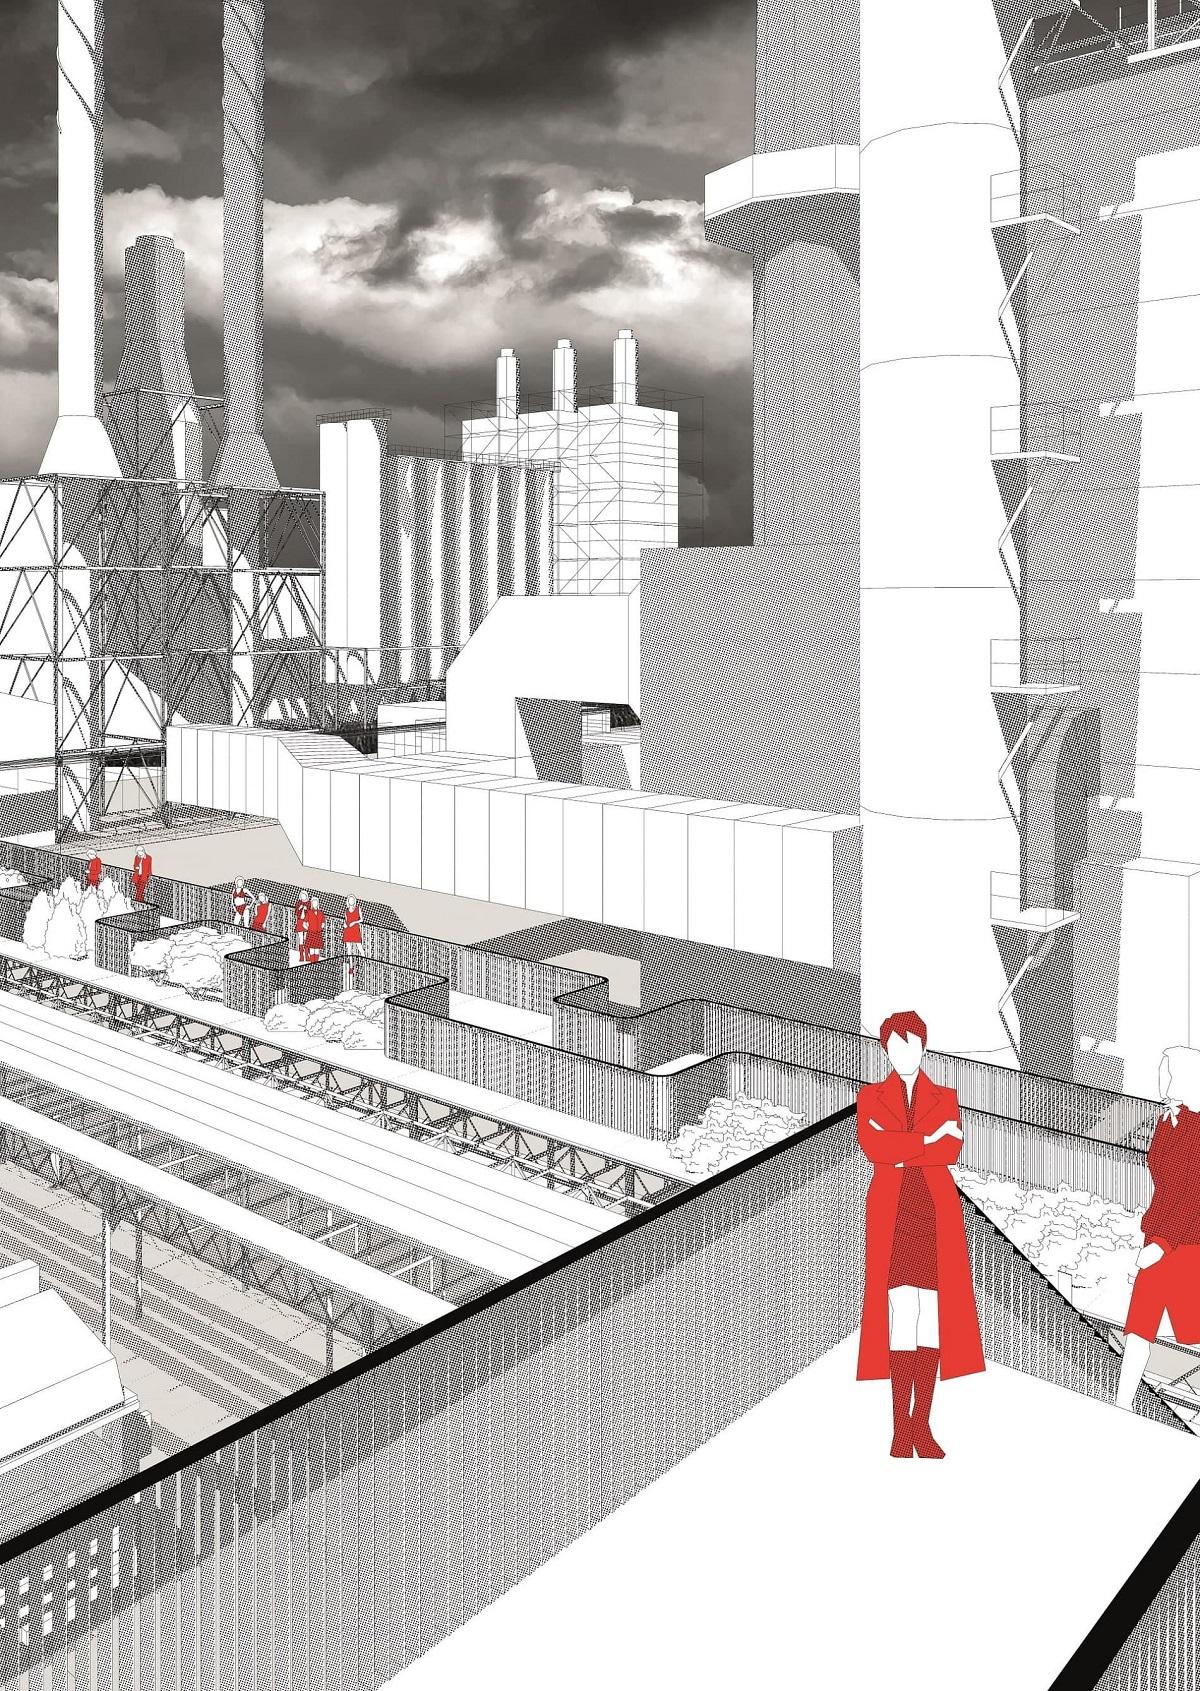 De industriële installaties van Shell verwerven een architectonische laag die communiceert met het nieuwe publiek